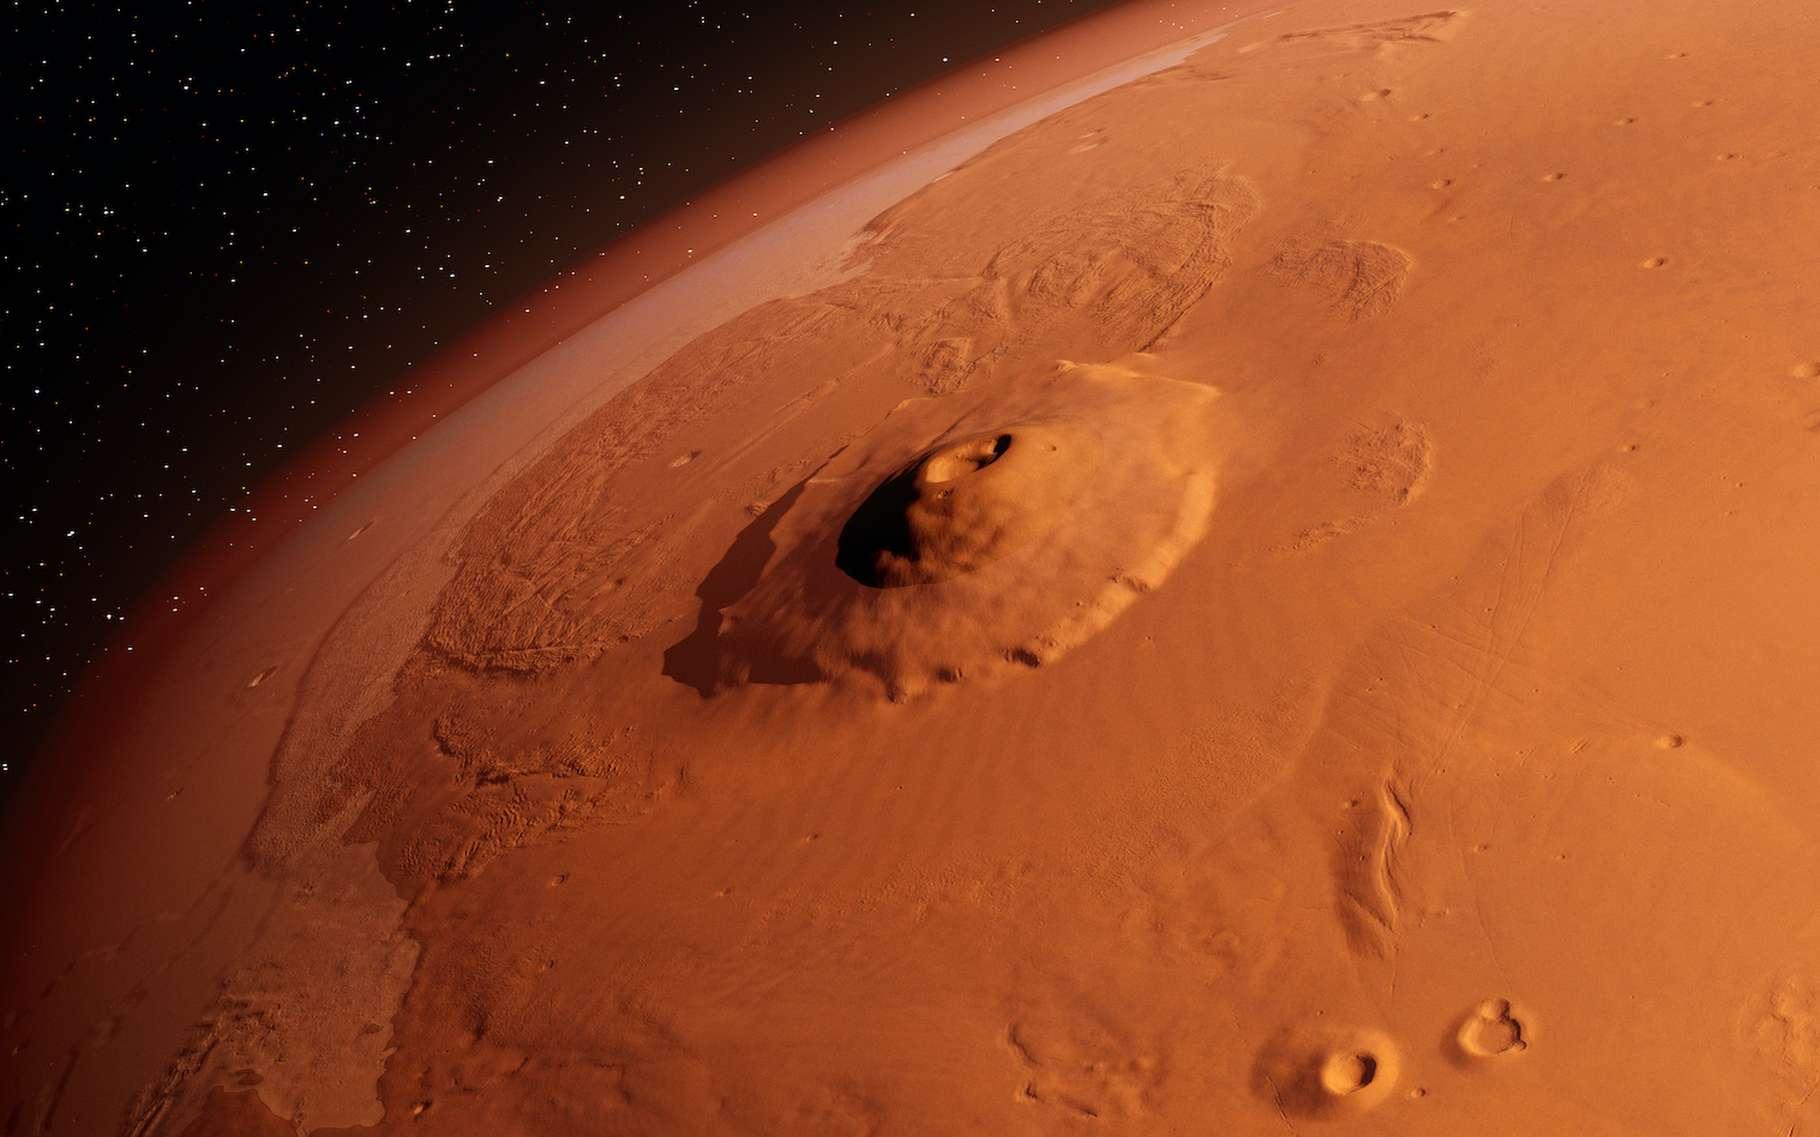 Olympus Mons, ici présenté, est le plus haut volcan du Système solaire. Il culmine à plus de 21.000 mètres au-dessus de la surface de Mars. Ses coulées de lave les plus récentes dateraient de 2 à 3 millions d'années. Mais des chercheurs de l'université de l'Arizona (États-Unis) viennent d'identifier, dans la région d'Elysium Planitia, les traces d'un volcanisme plus récent encore. © SciePro, Adobe Stock